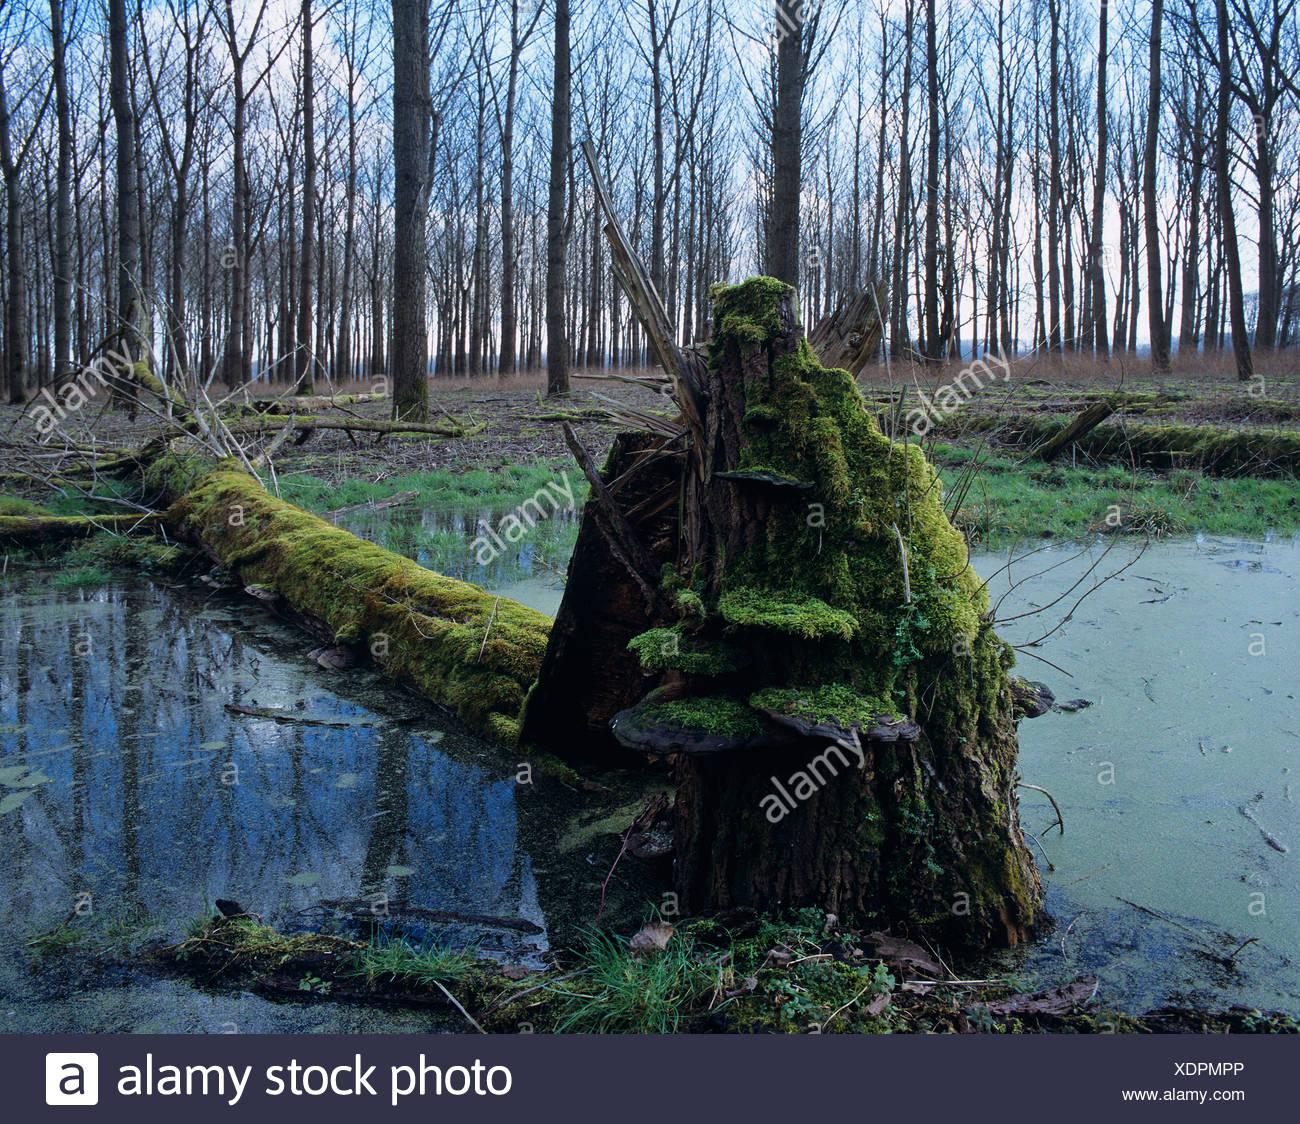 La madera que yacía muerto en un humedal, lenteja de agua (Lemna) en el agua, soporte hongos (Fomitopsis) alrededor de la zona de la raíz Imagen De Stock